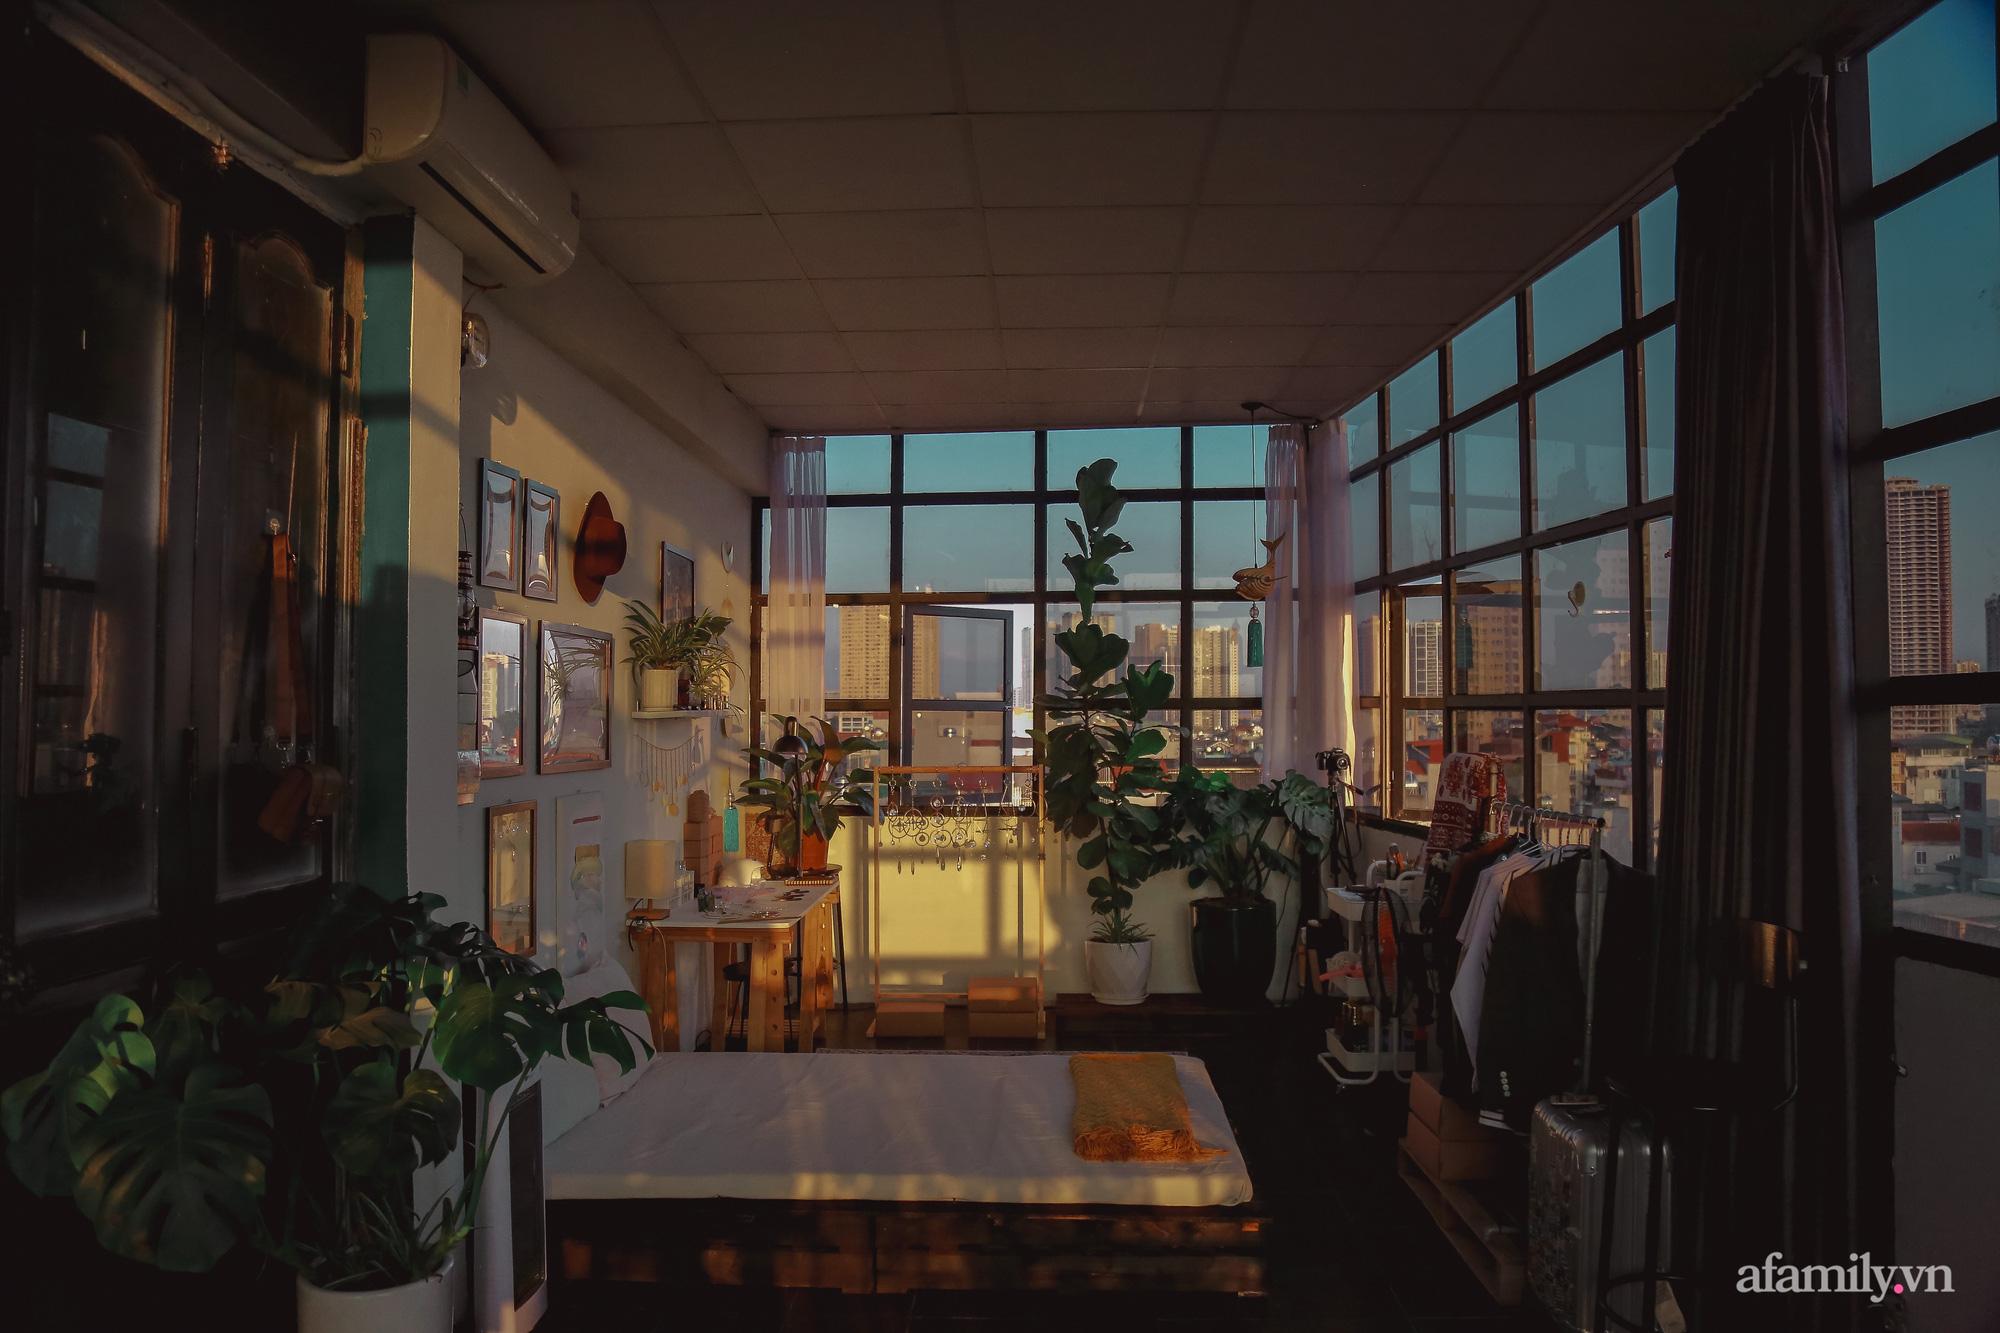 Với 5 triệu đồng để cải tạo, chàng trai Hà Nội có ngay phòng ốc siêu xịn sò như studio tạp chí - Ảnh 5.